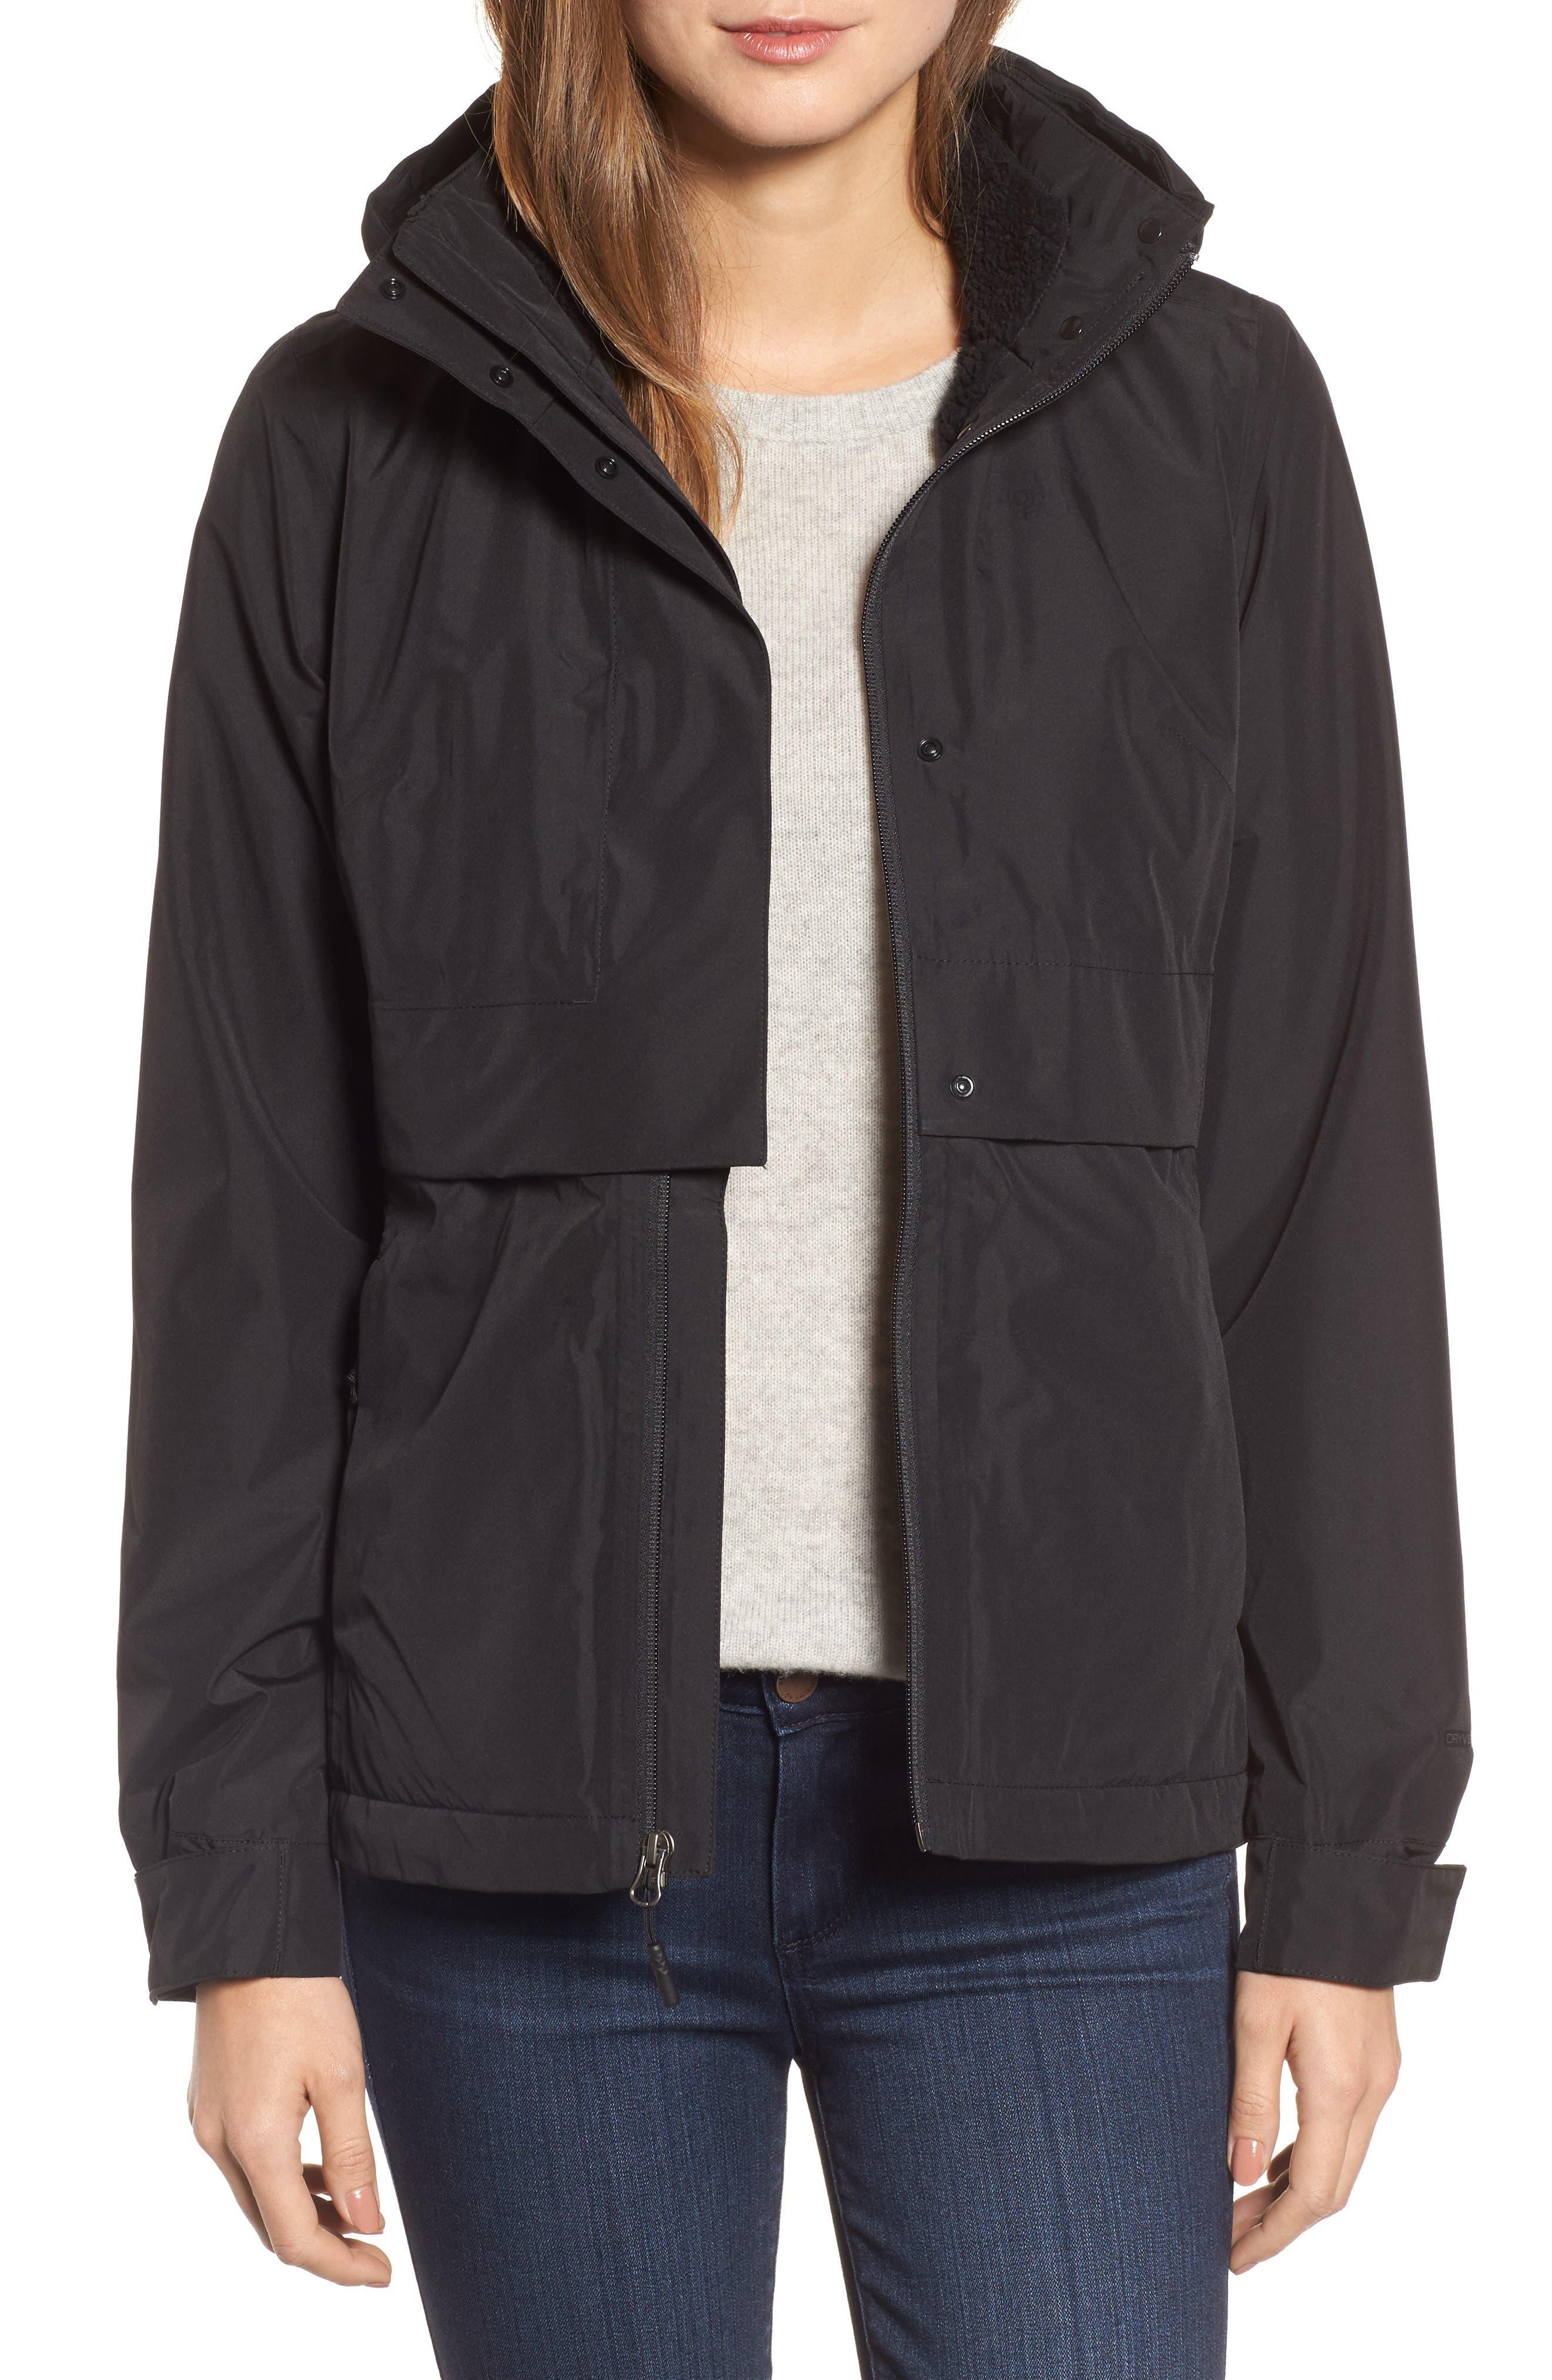 Morialta Jacket,                         Main,                         color, 001